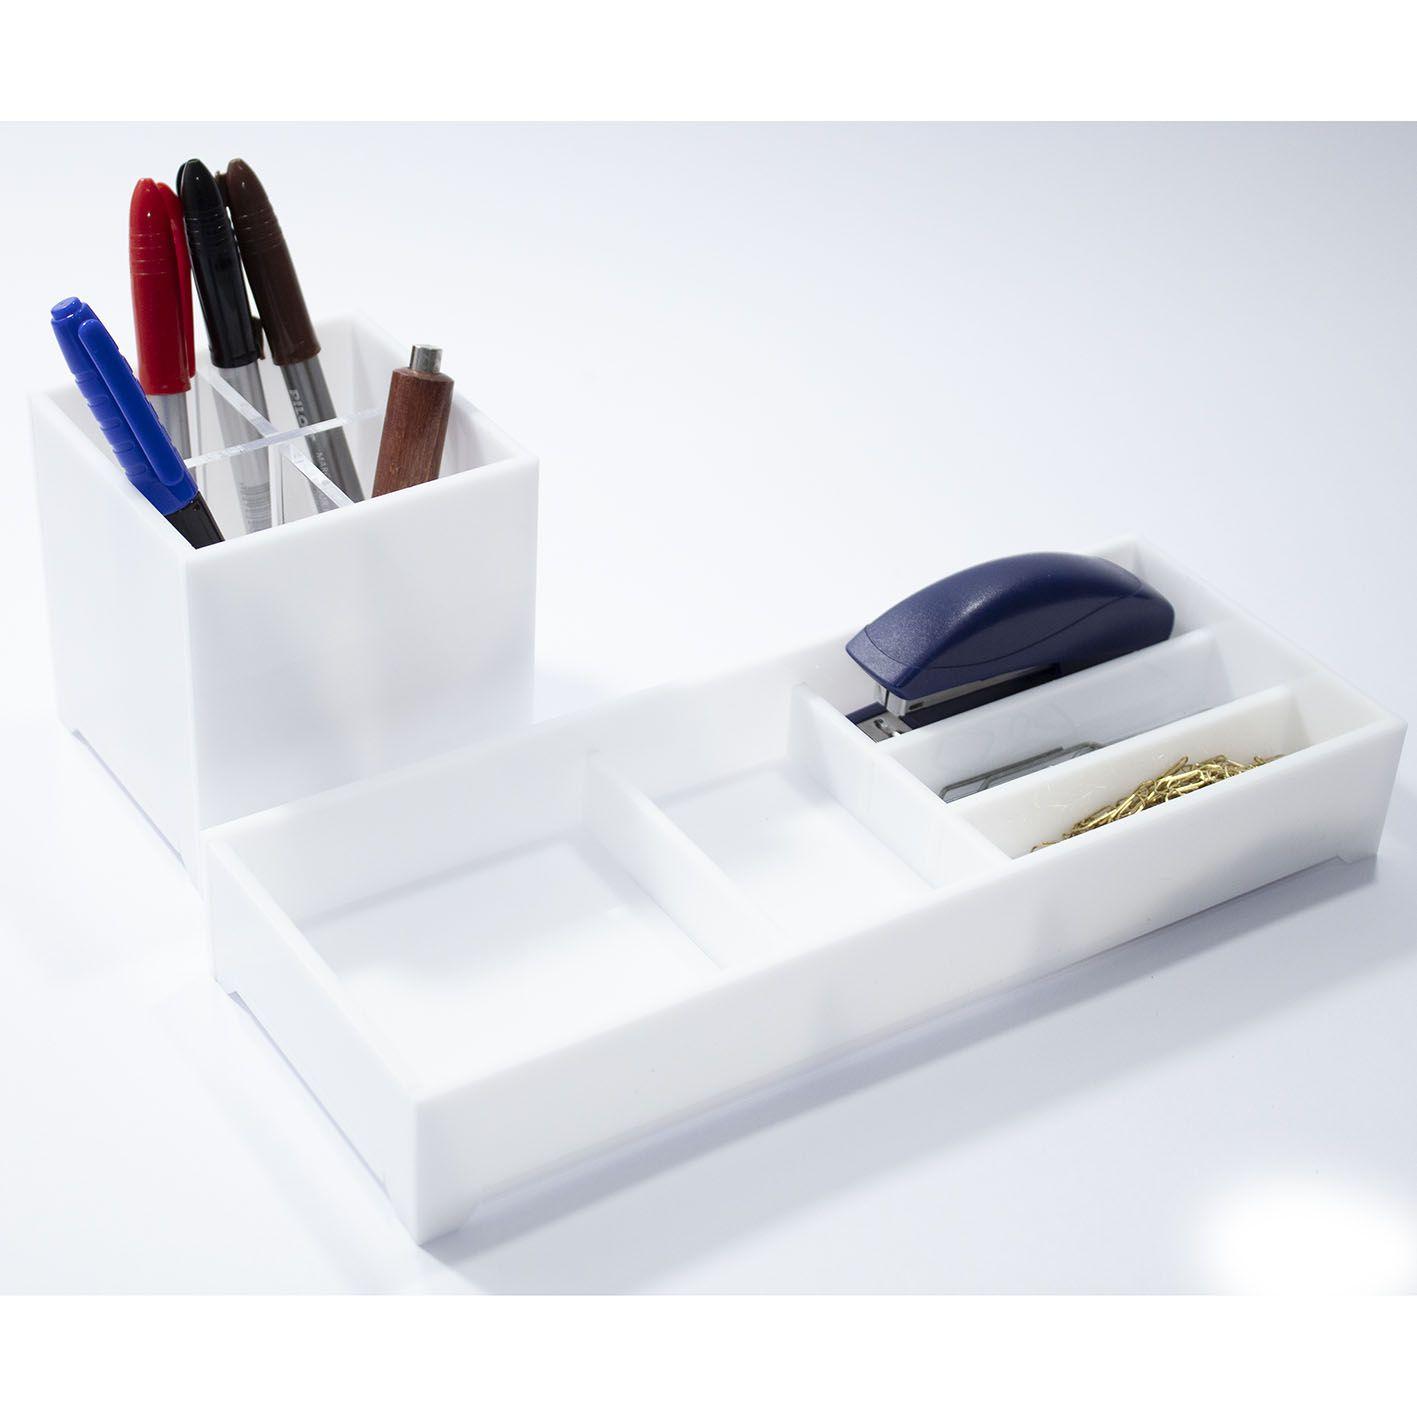 Kit Organizador Escritório